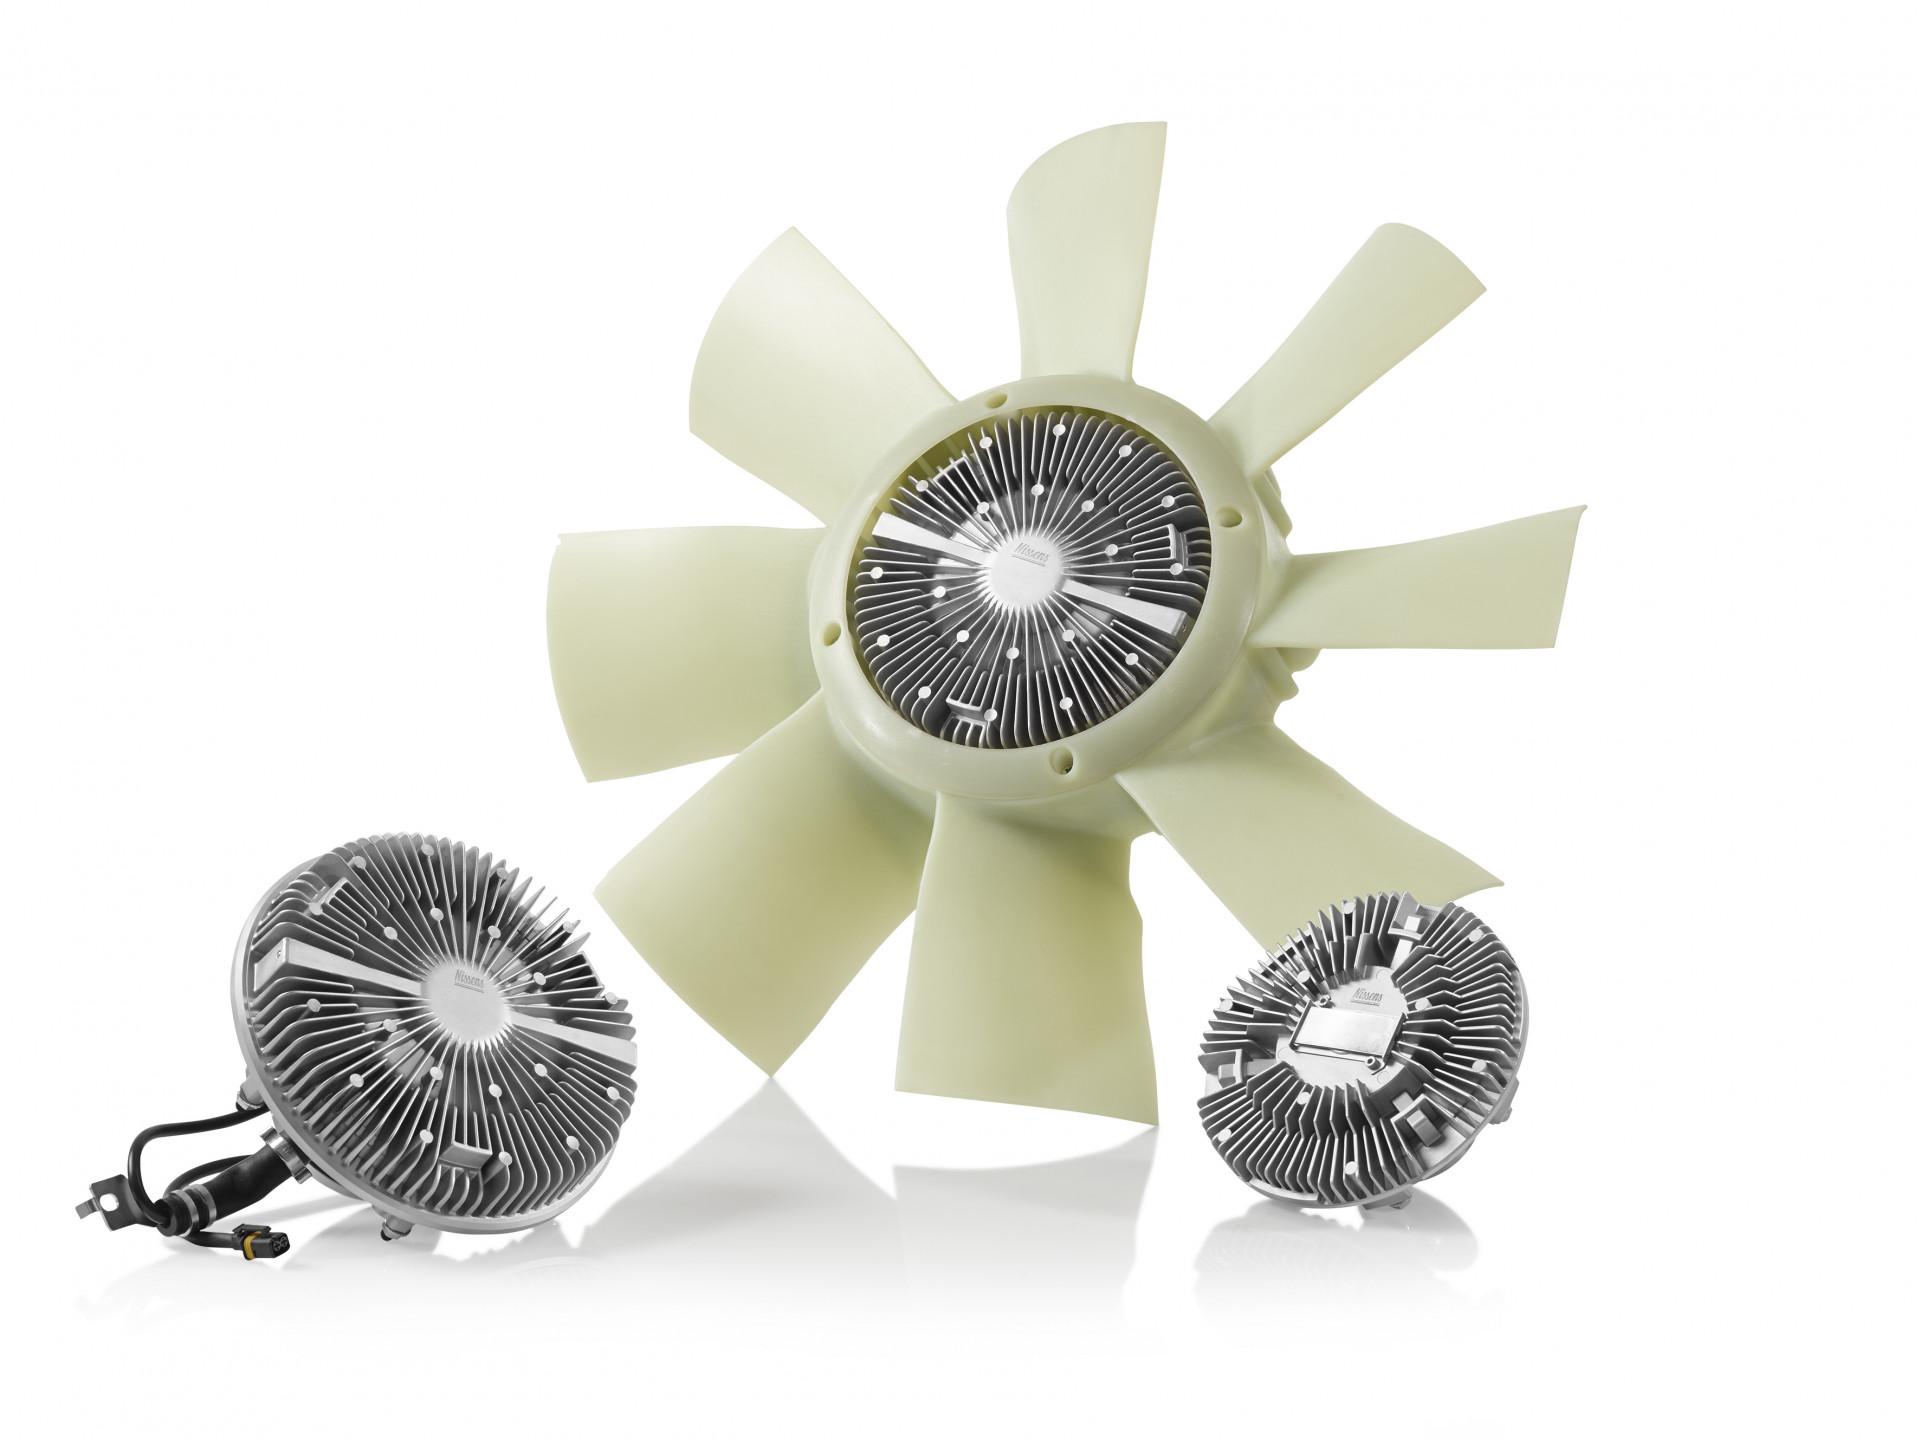 Sprzęgła wentylatorów chłodnic – kluczowy element w chłodzeniu silnika_01.jpg